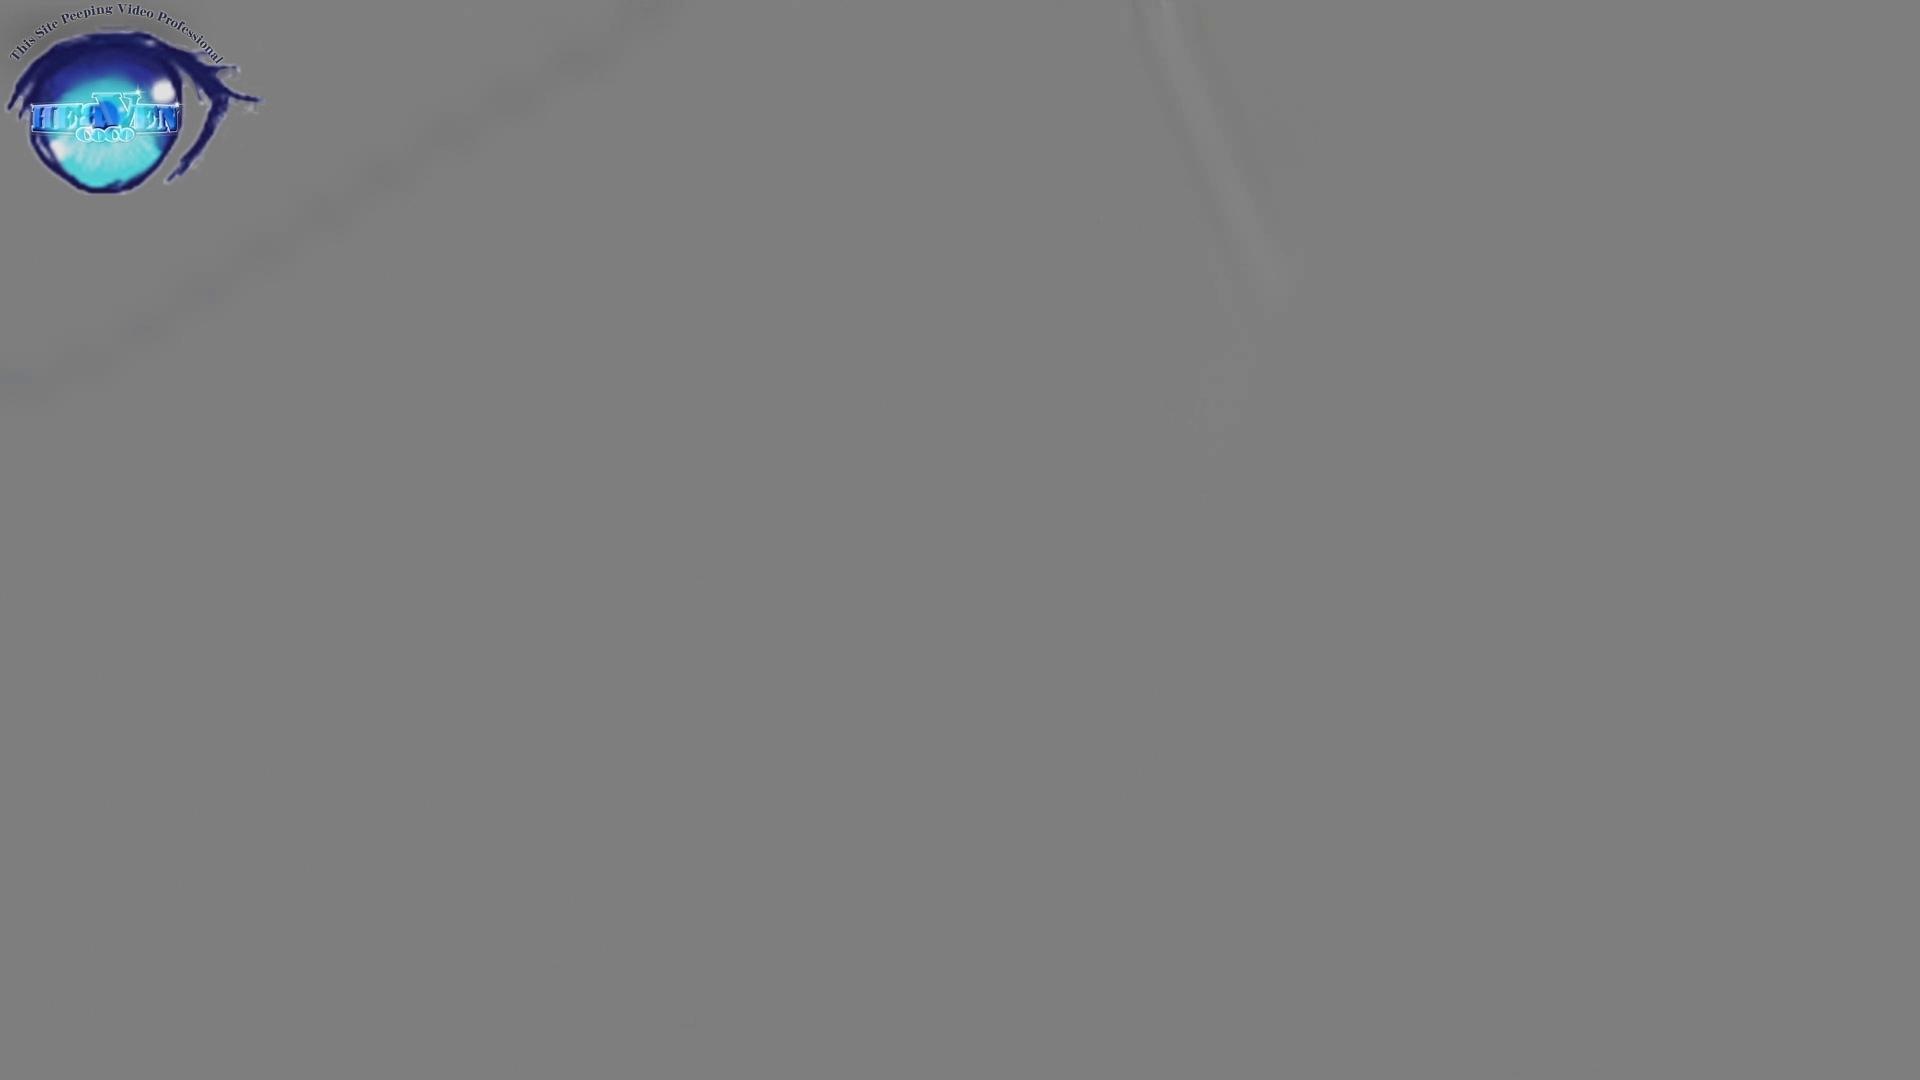 お銀さん vol.59 ピンチ!!「鏡の前で祈る女性」にばれる危機 前編 美人   OL女体  108連発 53